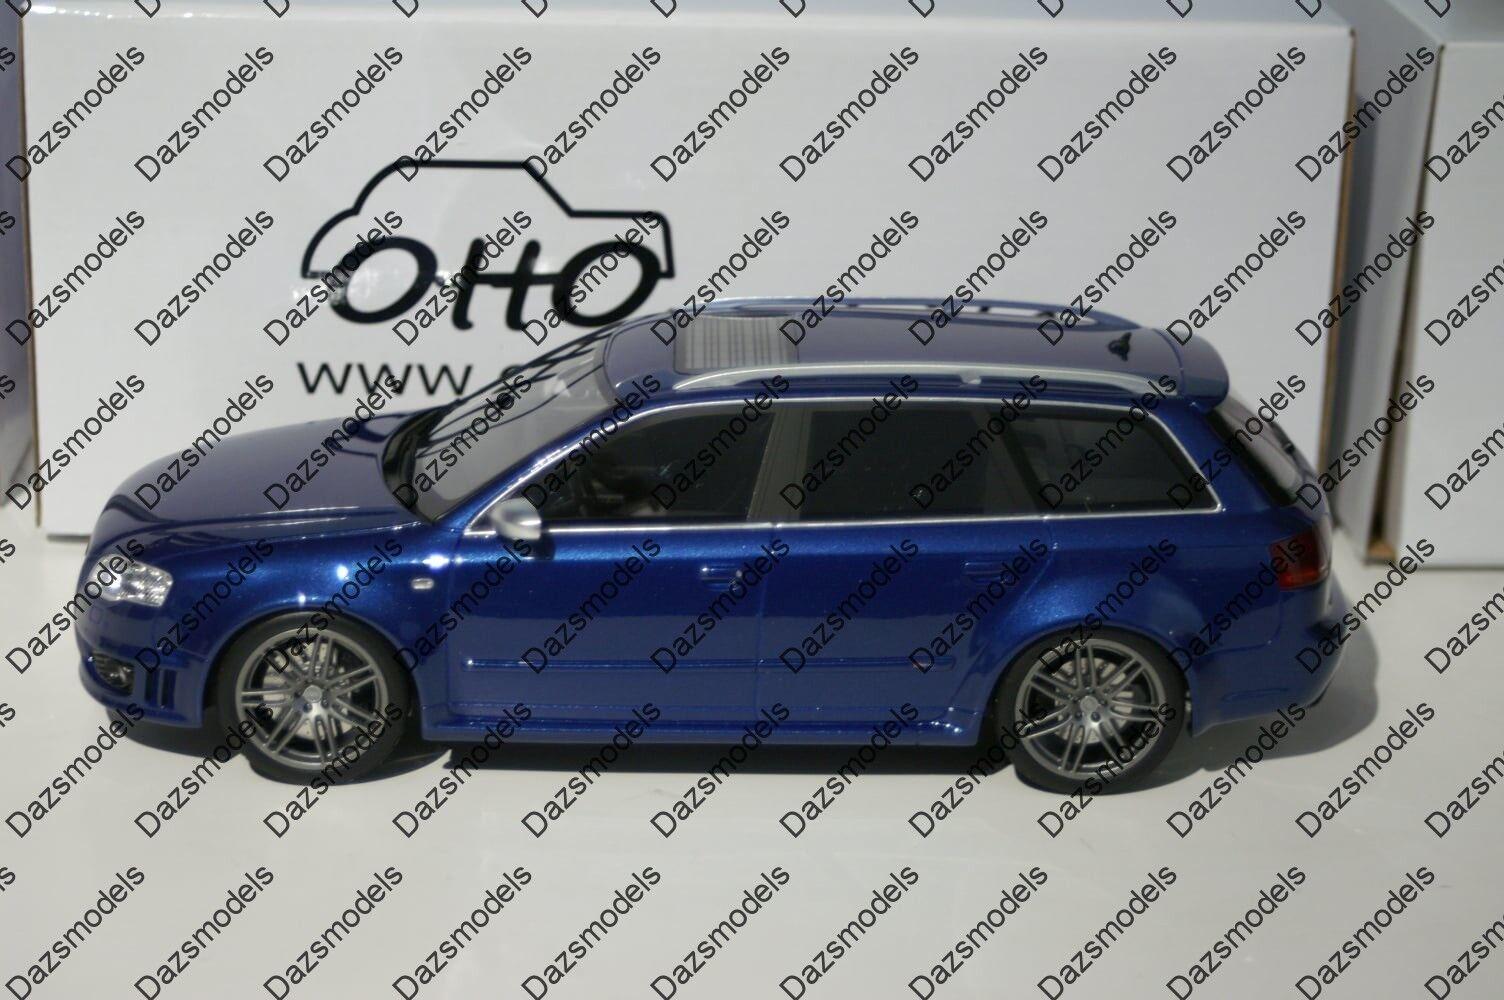 Otto Audi  RS4 B7 Avant Sepang Bleu OT785  excellent prix